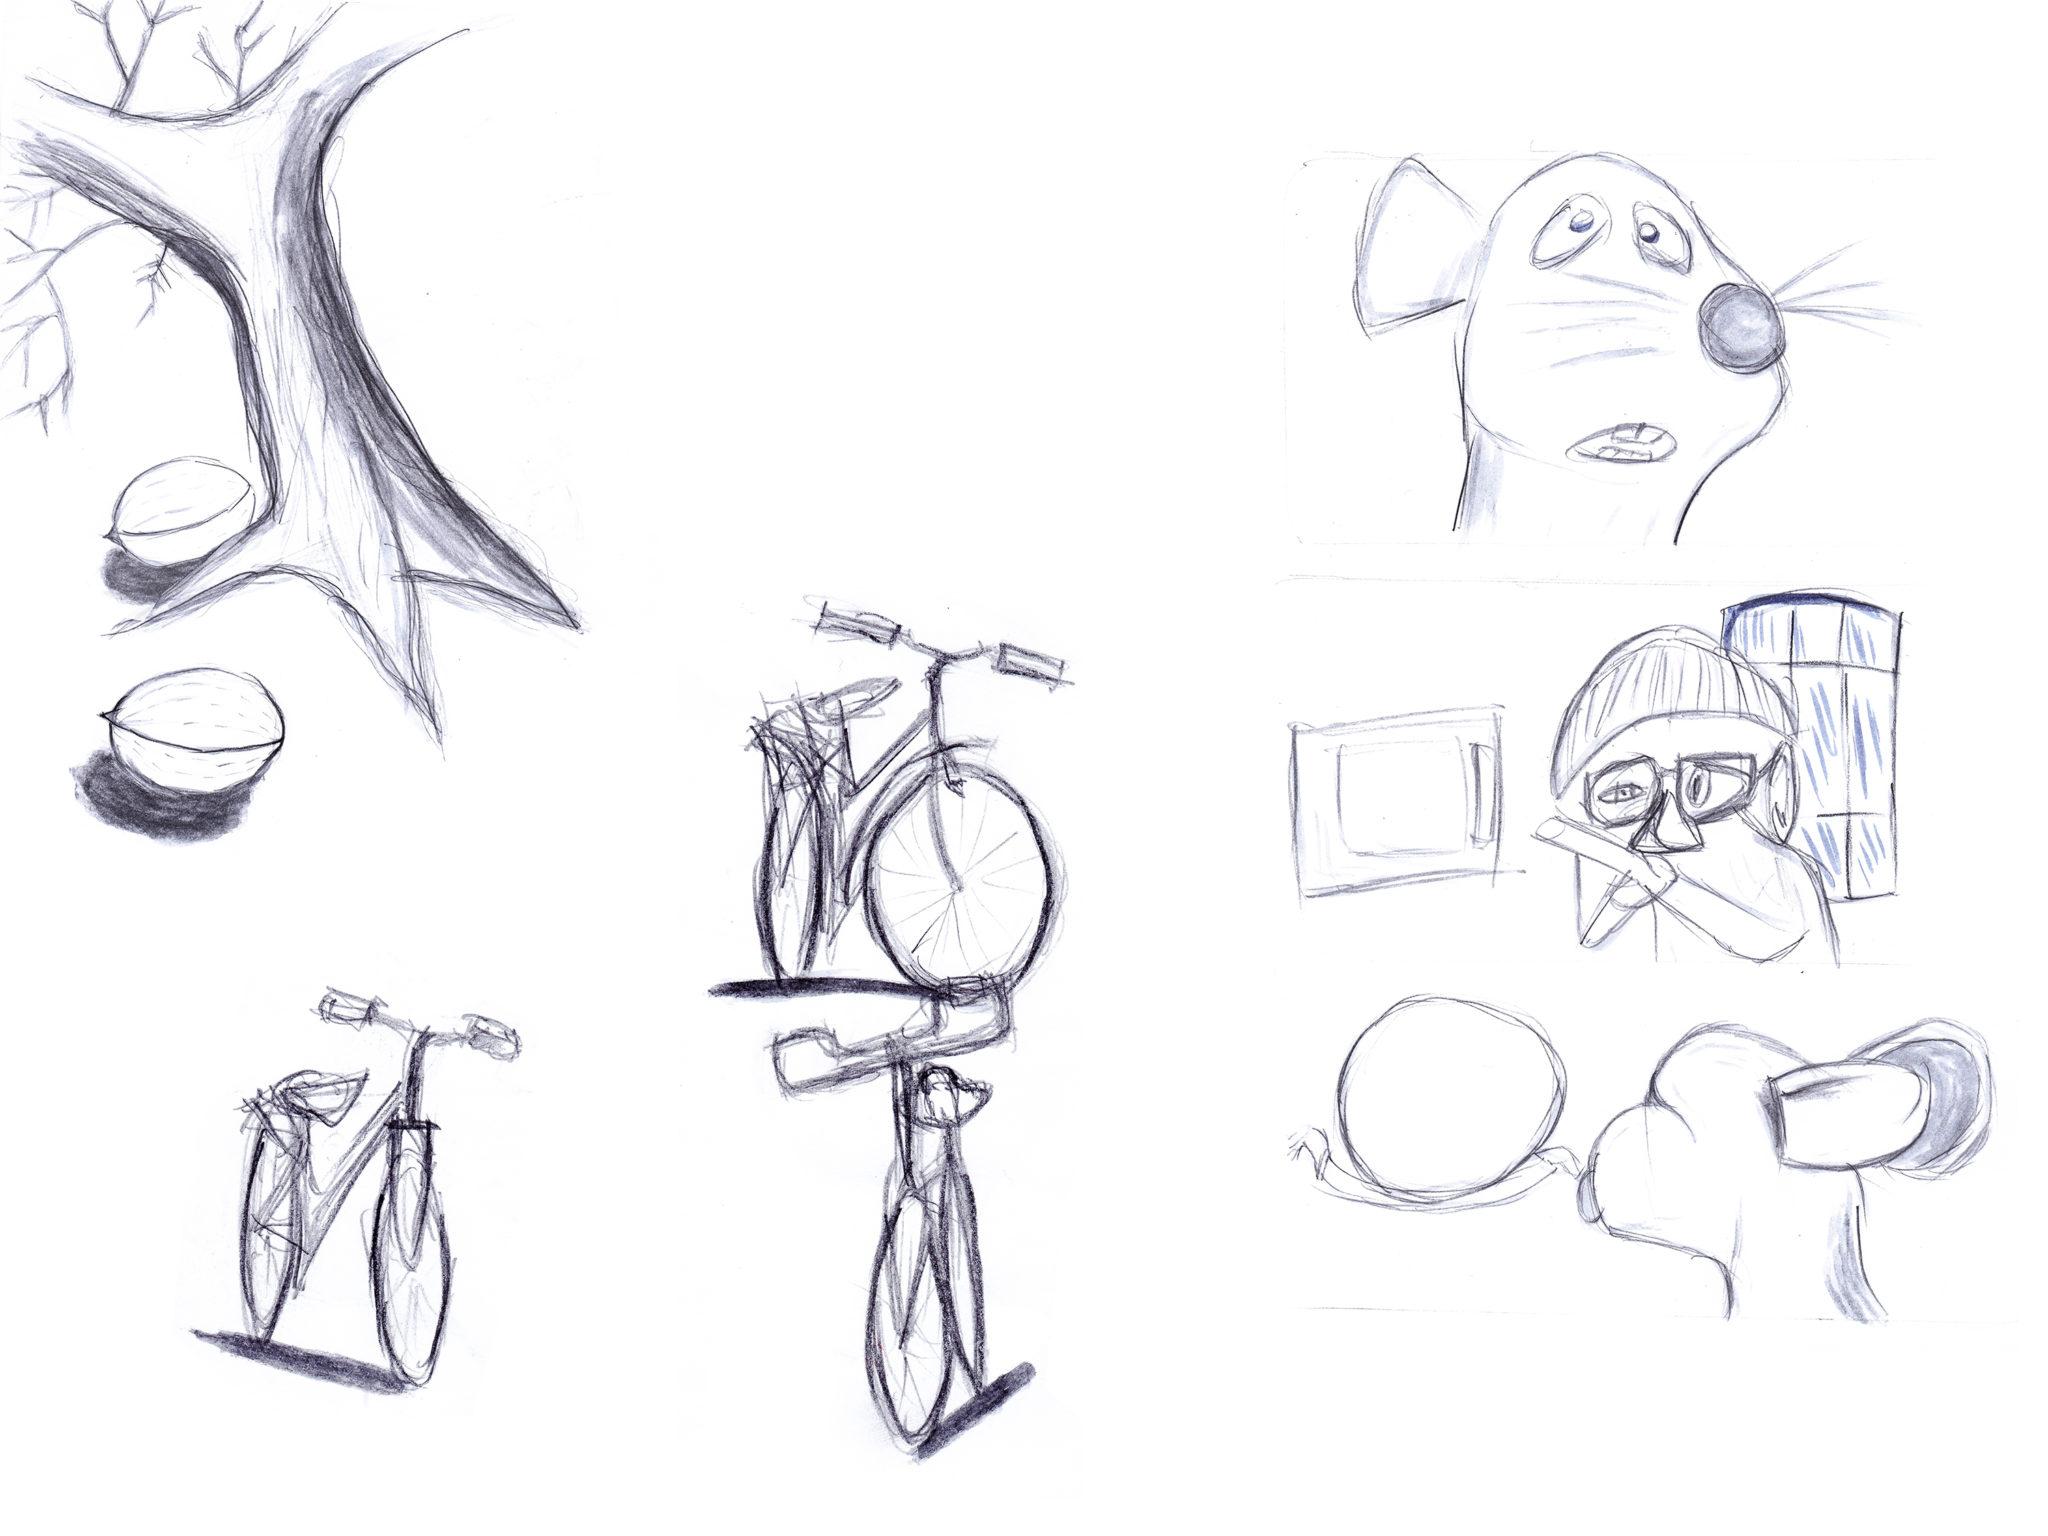 tutti-frutti2 Tutti Frutti Sketching